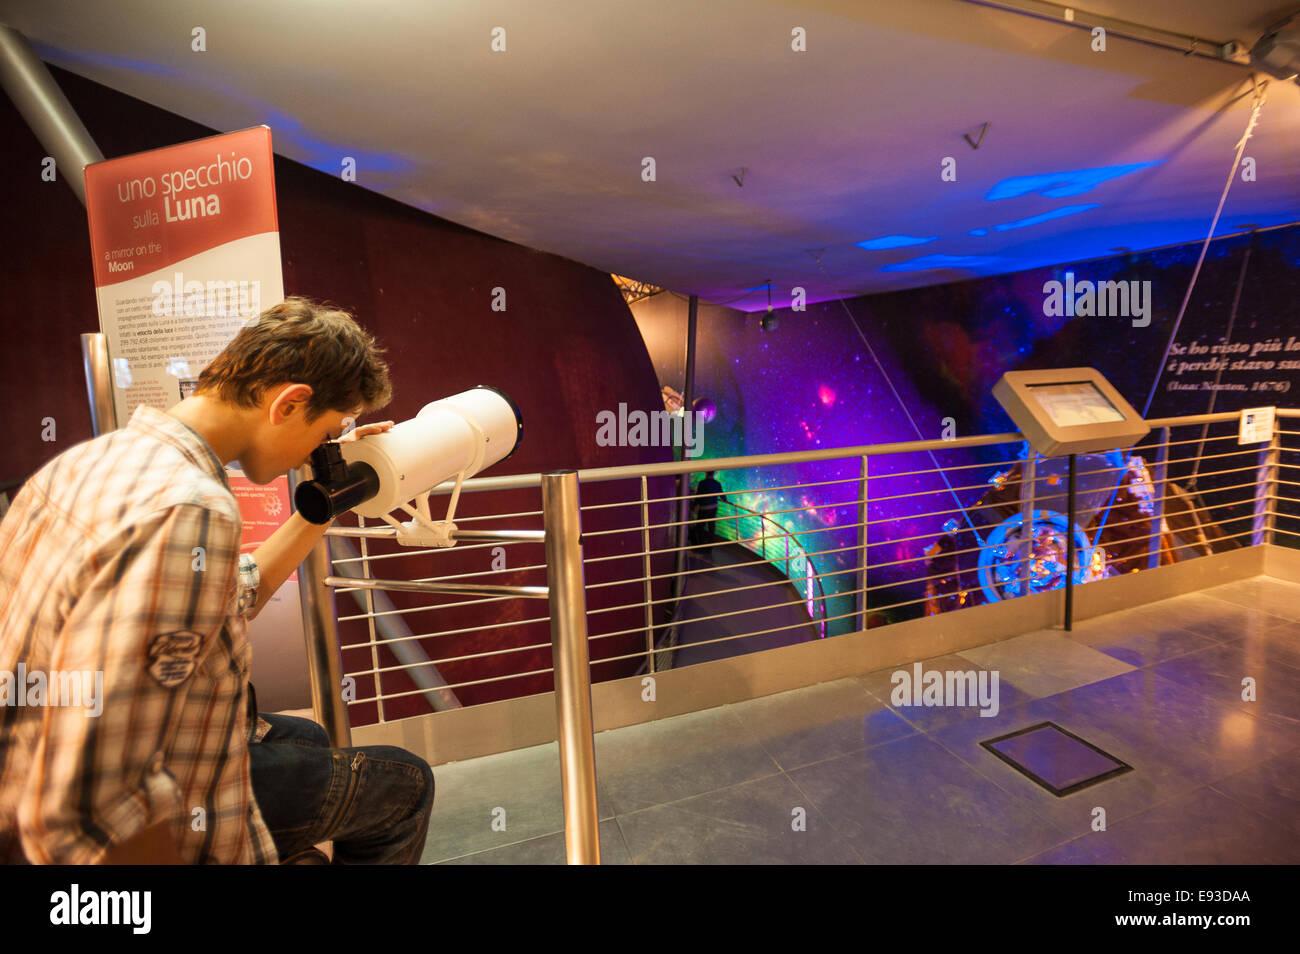 Italia Turín Piamonte Pino Torinese Inauguración de la nueva zona de museos del Museo de Turín planetario astronomía y espacio INFINI.Al 17 de octubre de 2014 - Telescopio Foto de stock